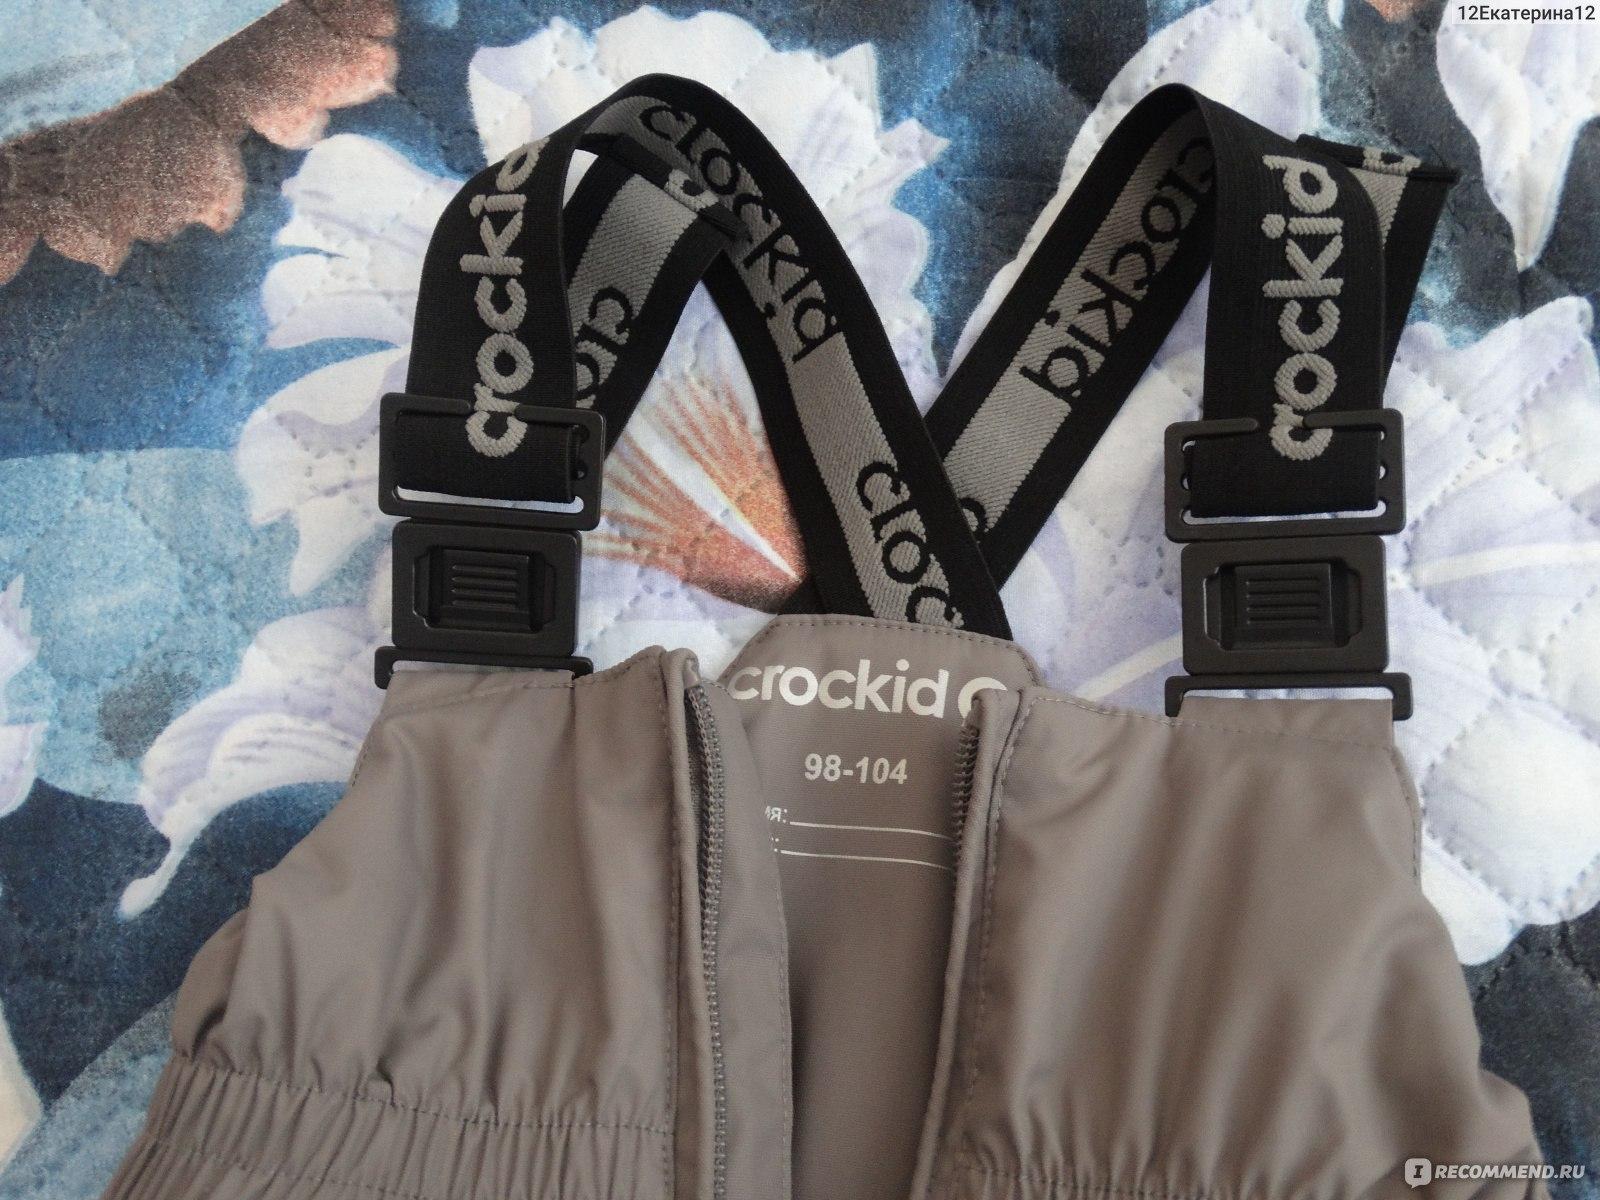 b43656235c39 Верхняя одежда Crockid Осень-зима для девочек - «Зимняя «ветровка ...